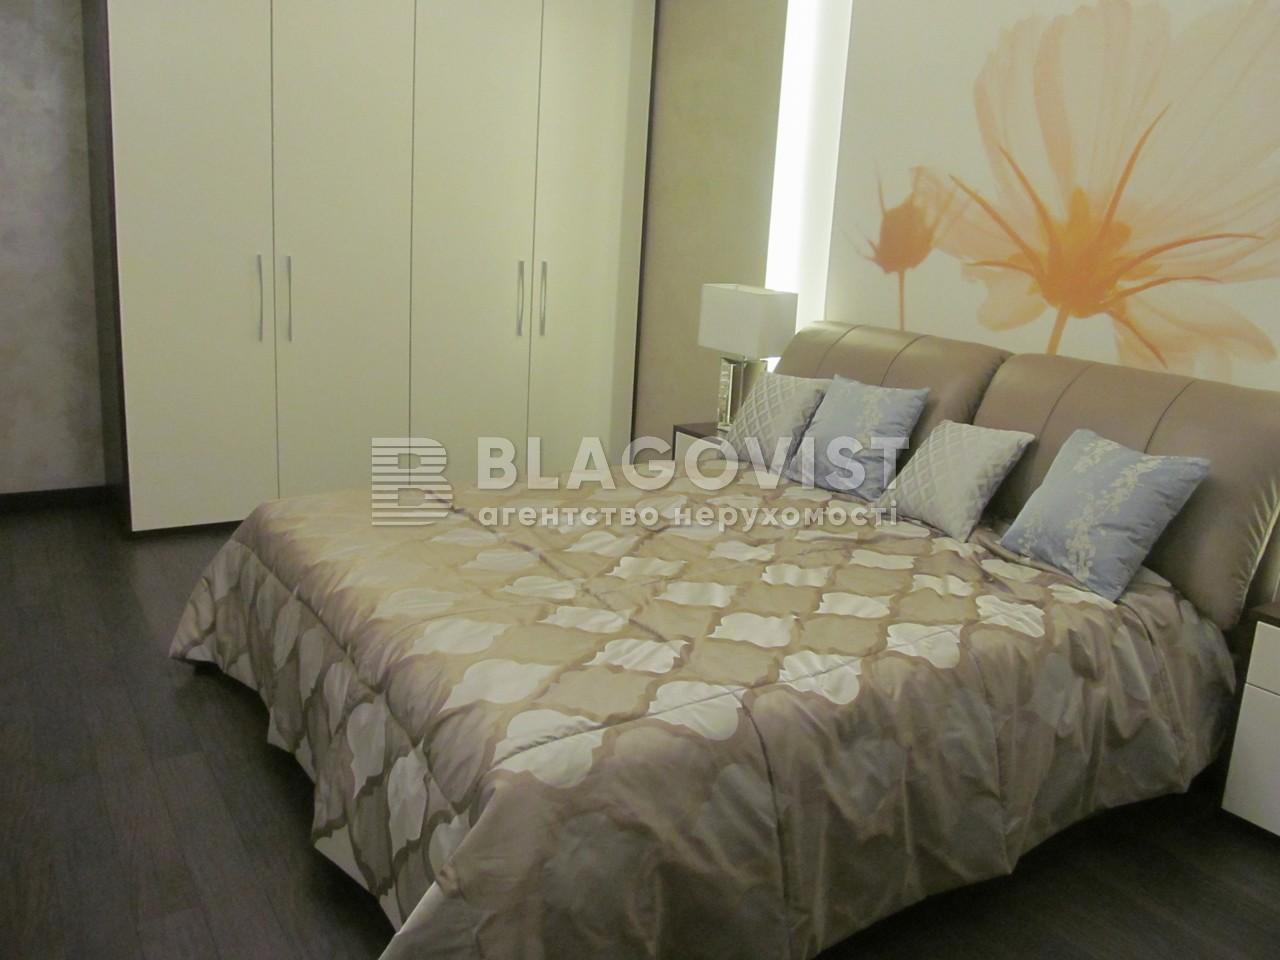 Квартира D-33326, Героев Сталинграда просп., 12г, Киев - Фото 16